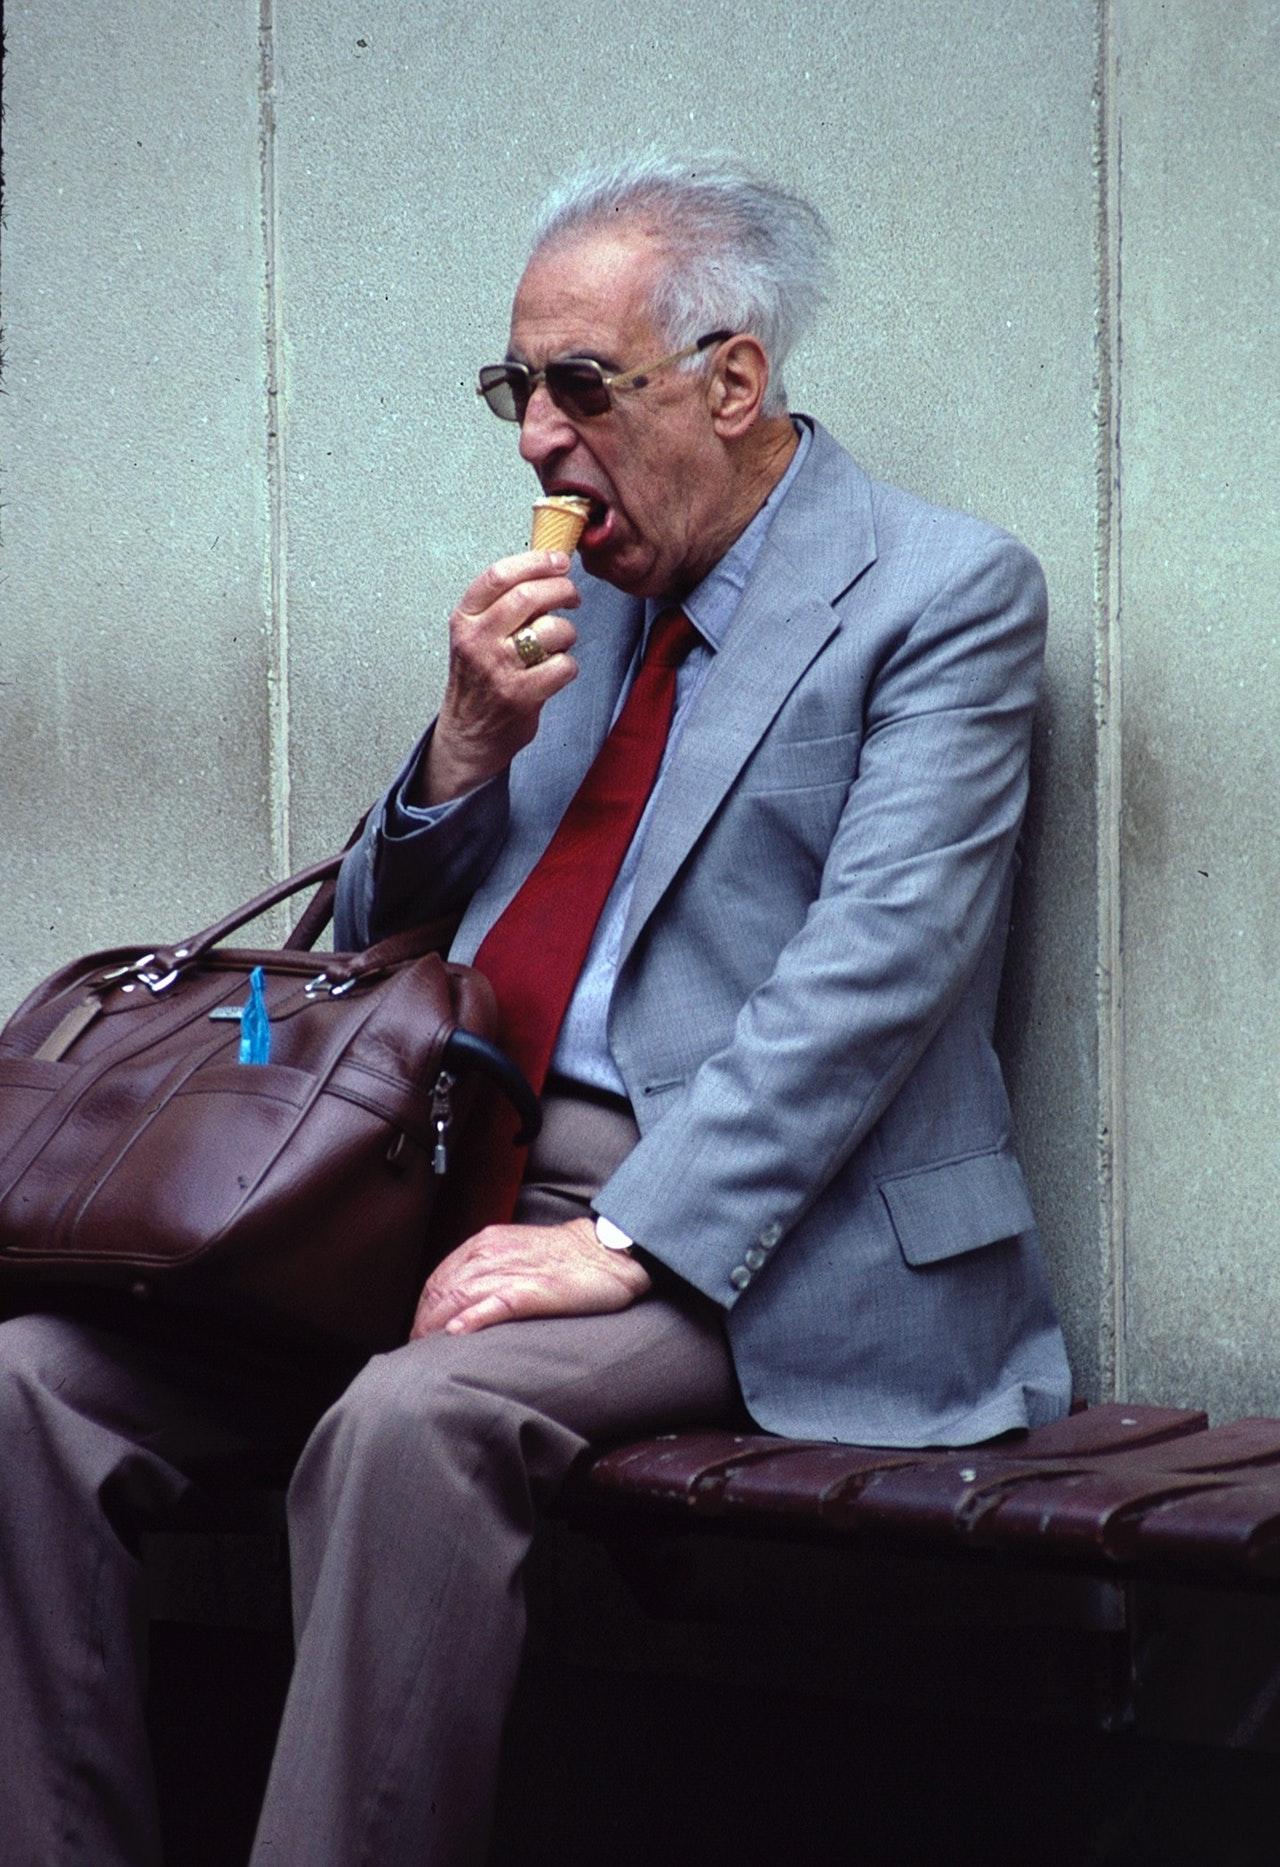 eating-elderly-ice-cream-970543.jpg